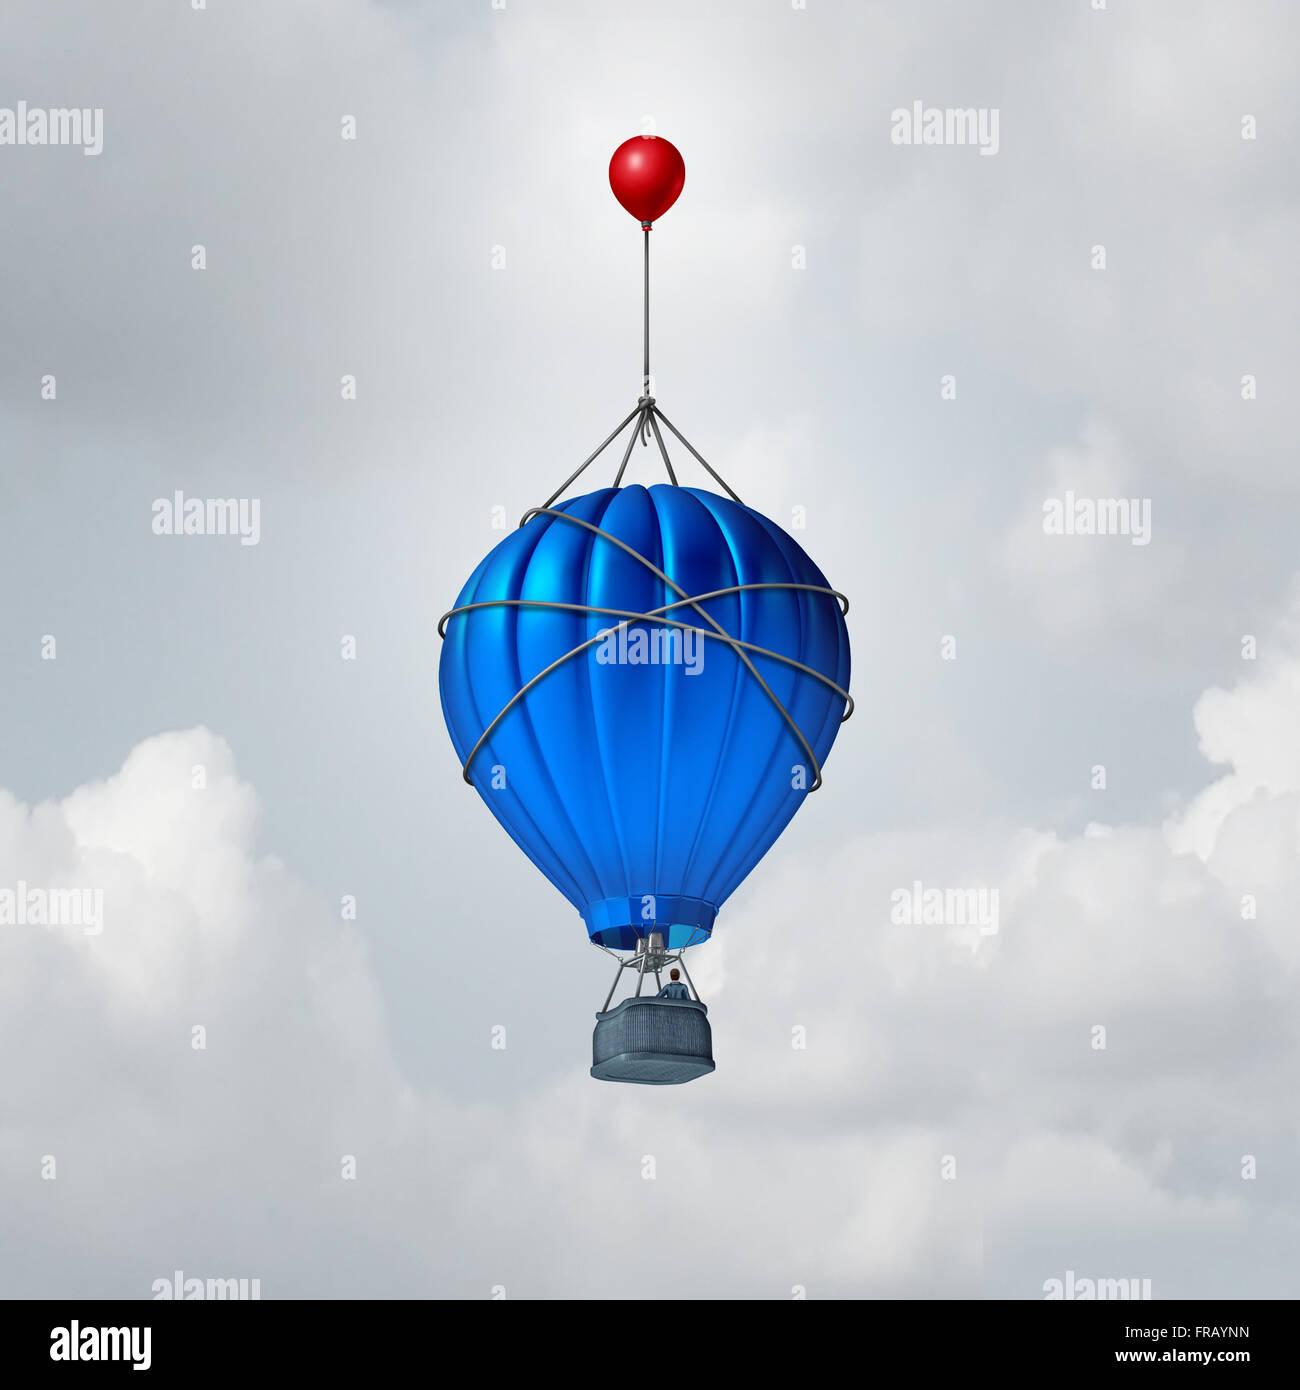 Zusätzliche Hilfe-Business-Konzept oder eine Metapher für darüber hinaus Symbol als ein Heißluftballon Stockbild